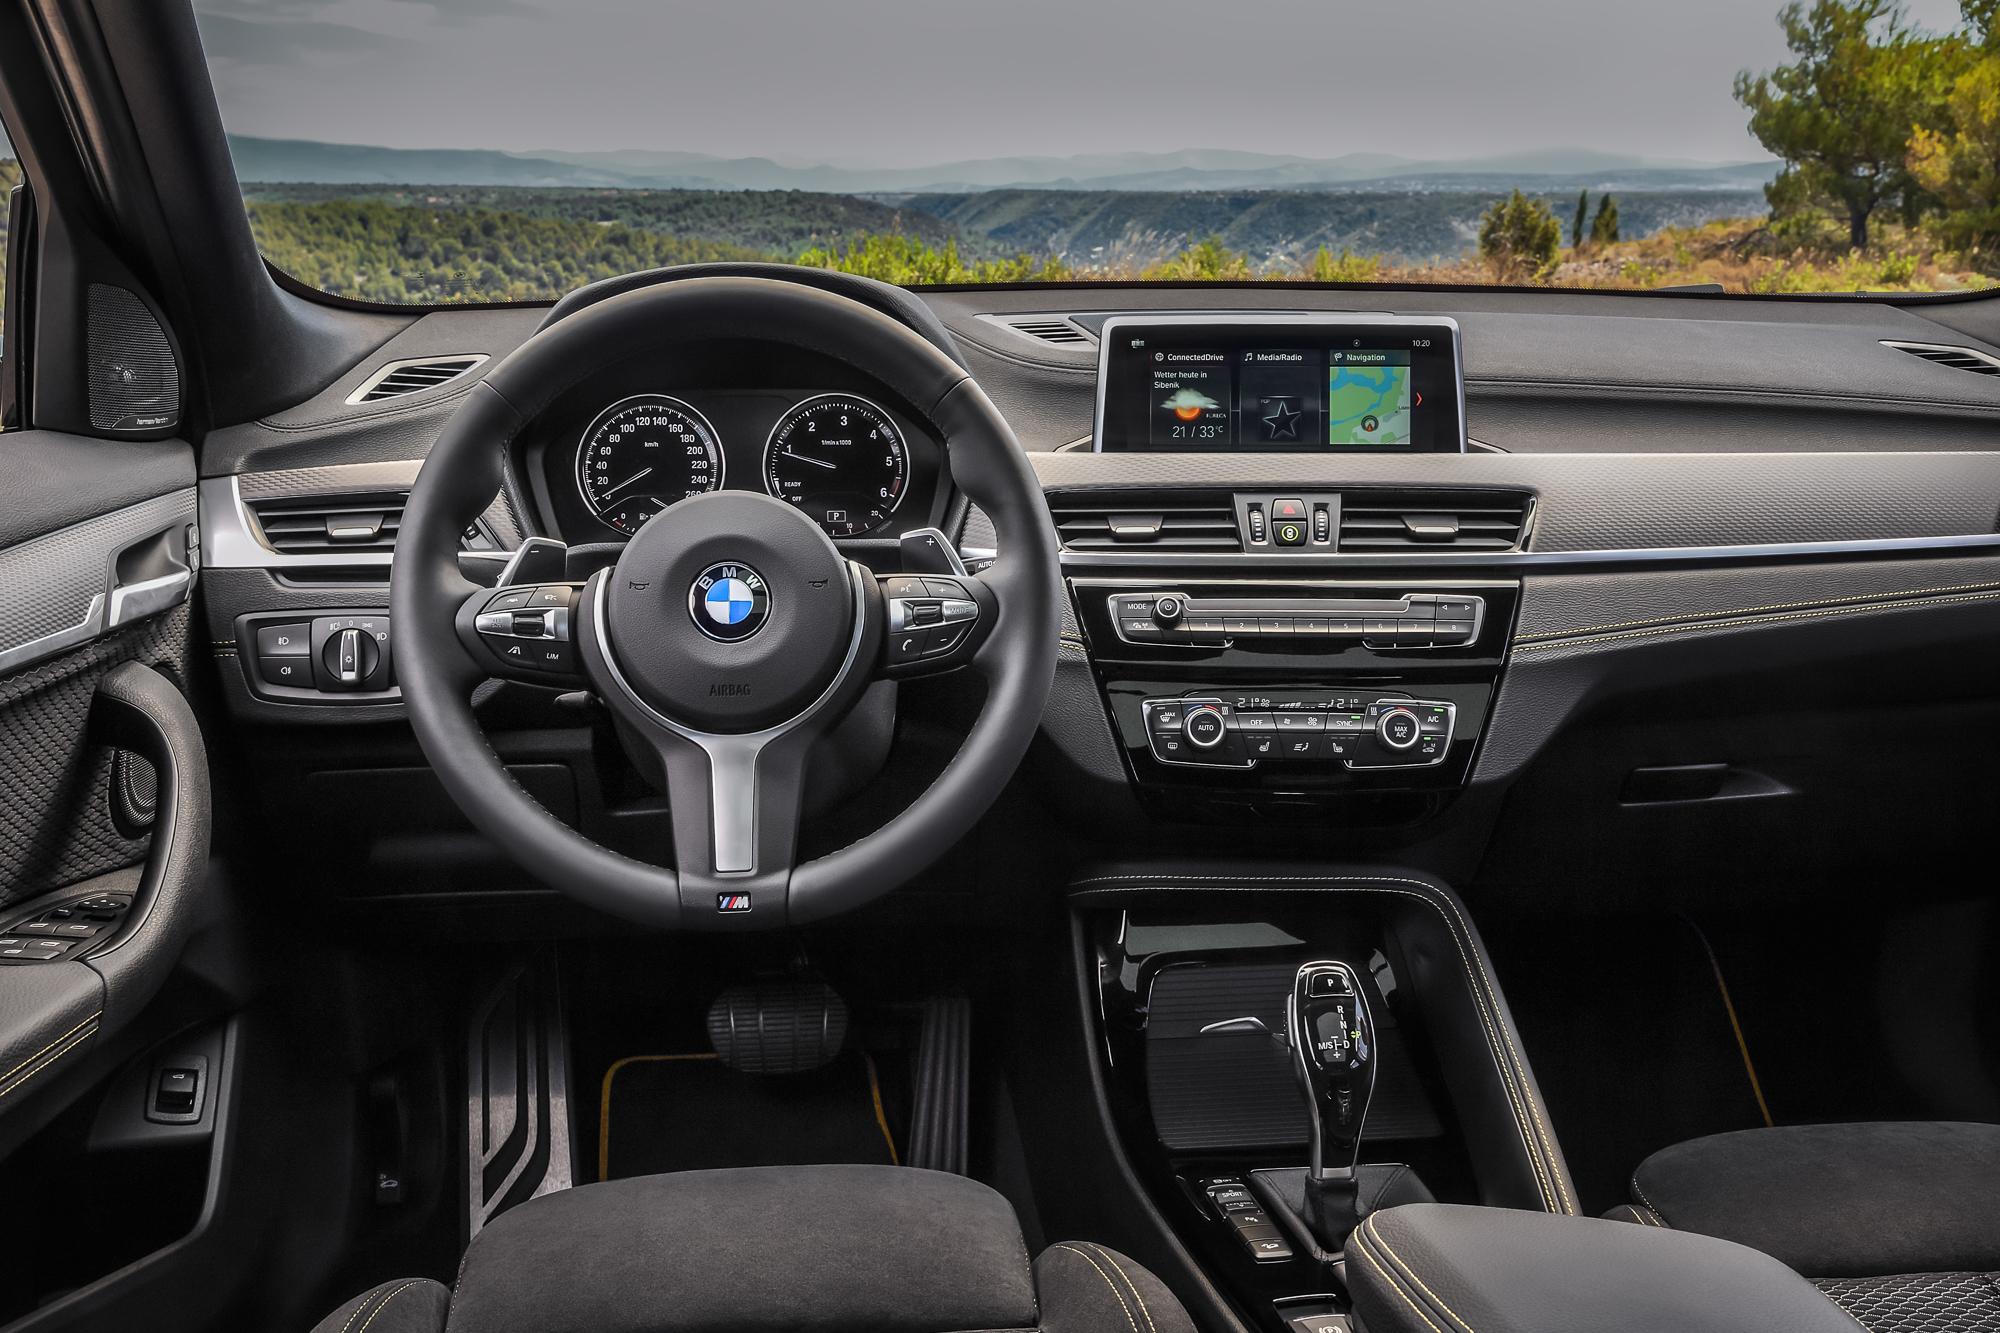 2018 Bmw X2 Noch Ein Neuer Suv Neuwagen 2018